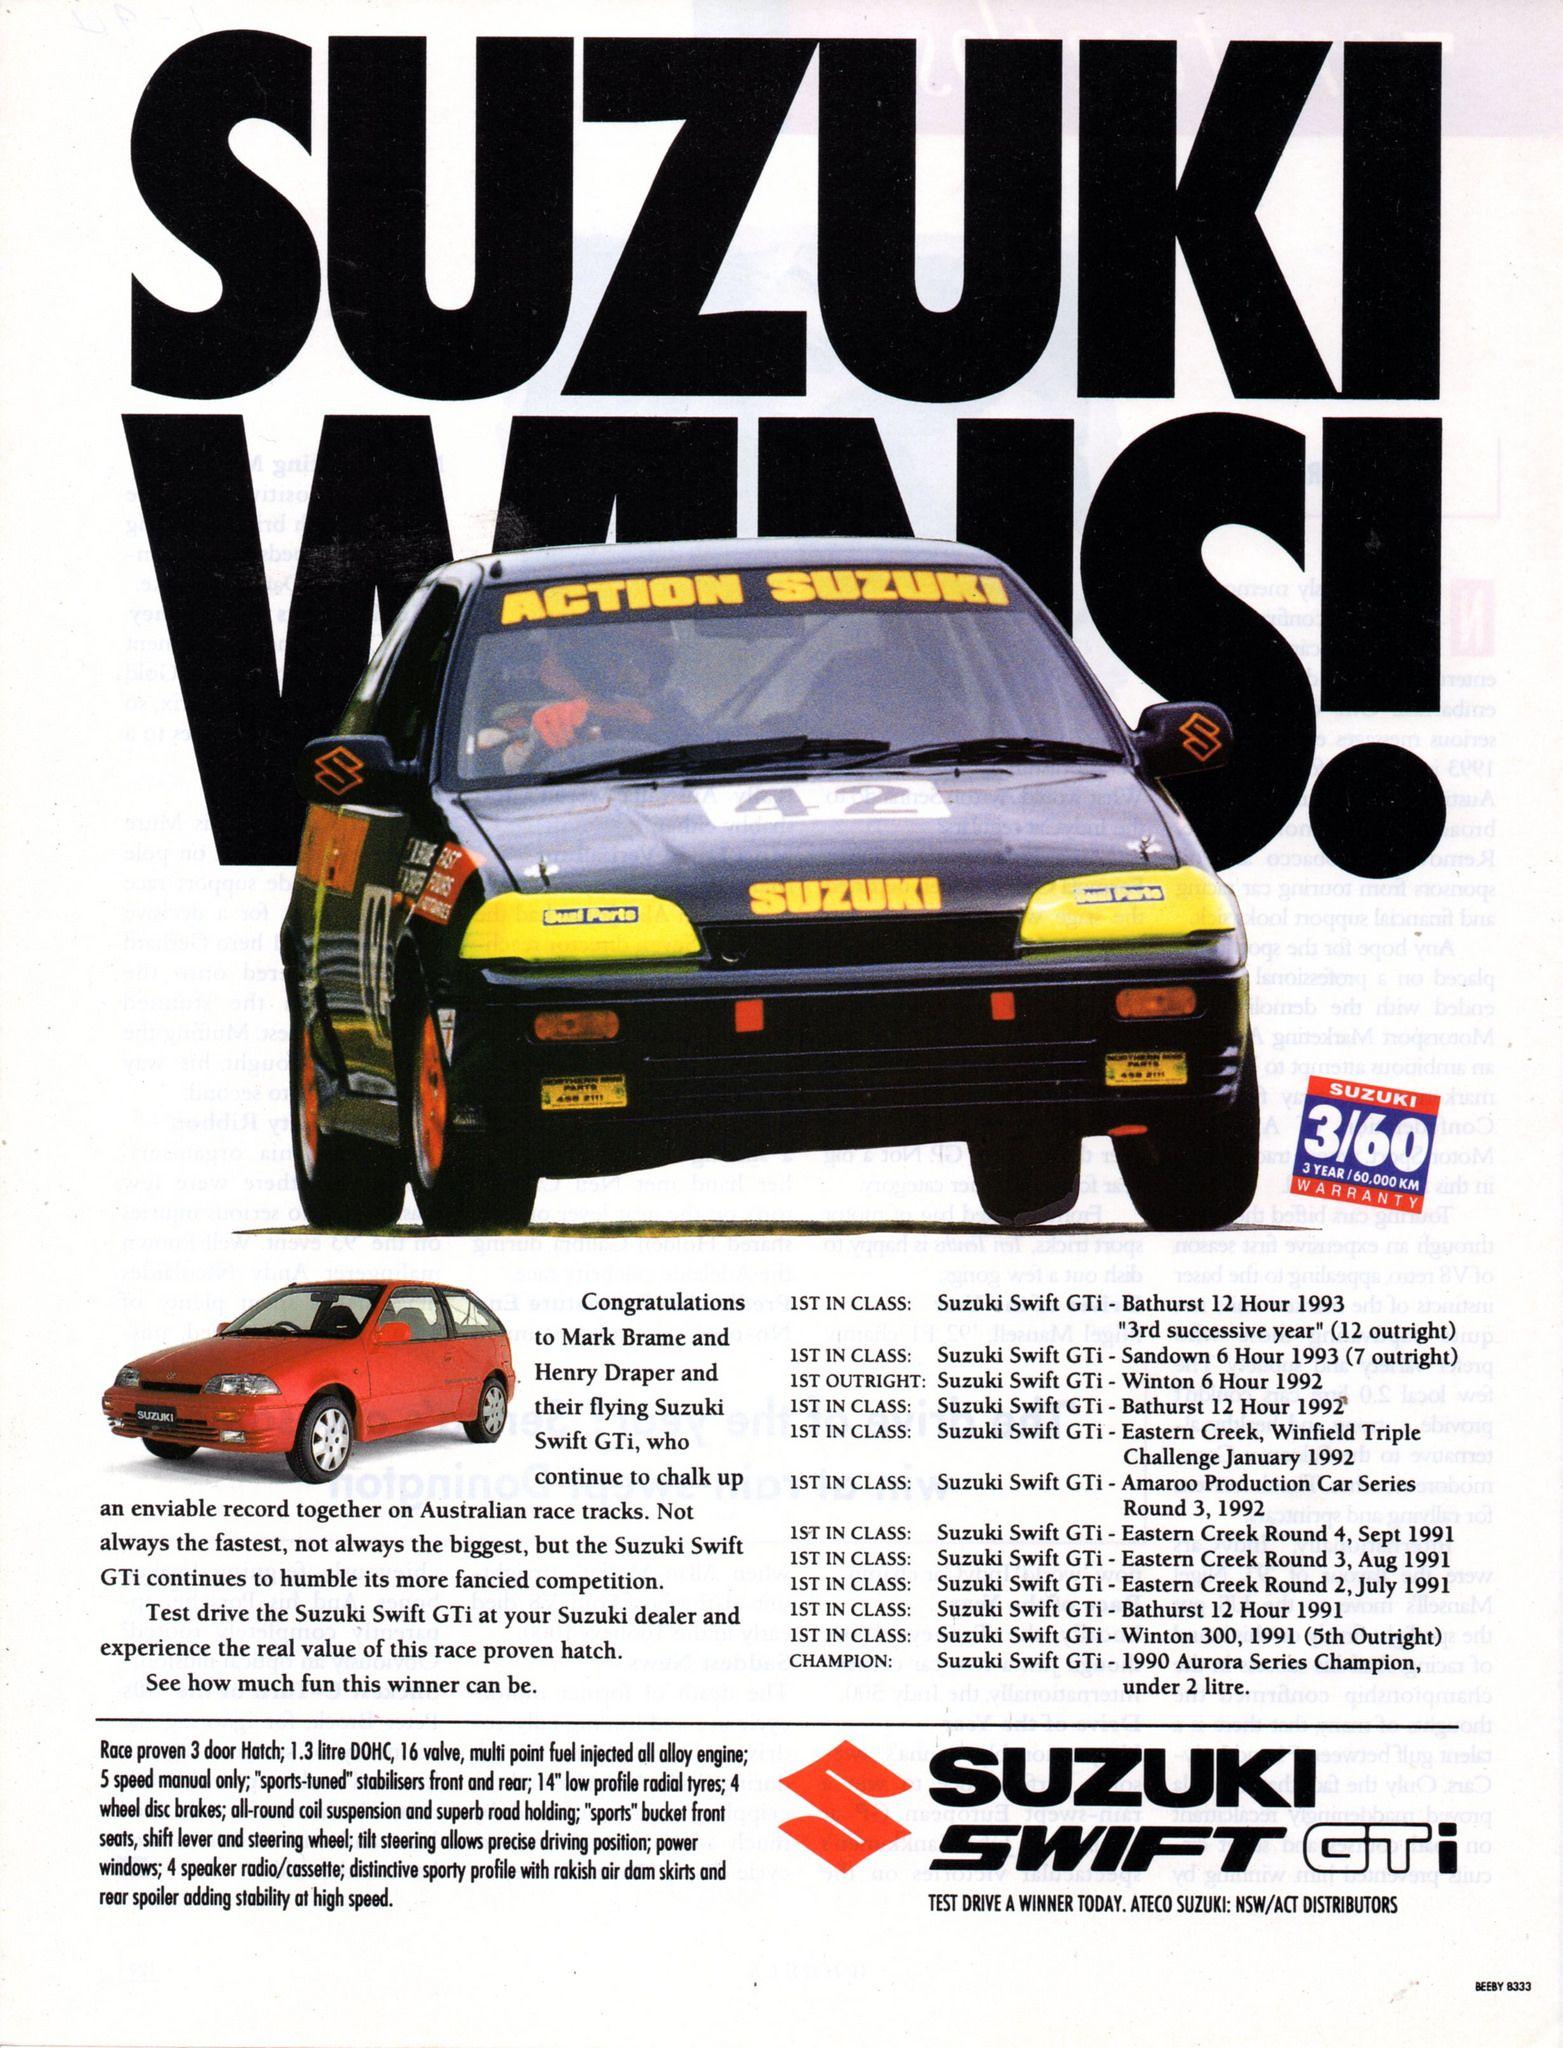 1994 Suzuki Swift Gti 3 Door Hatchback Aussie Original Magazine Advertisement Suzuki Swift Suzuki Car Advertising